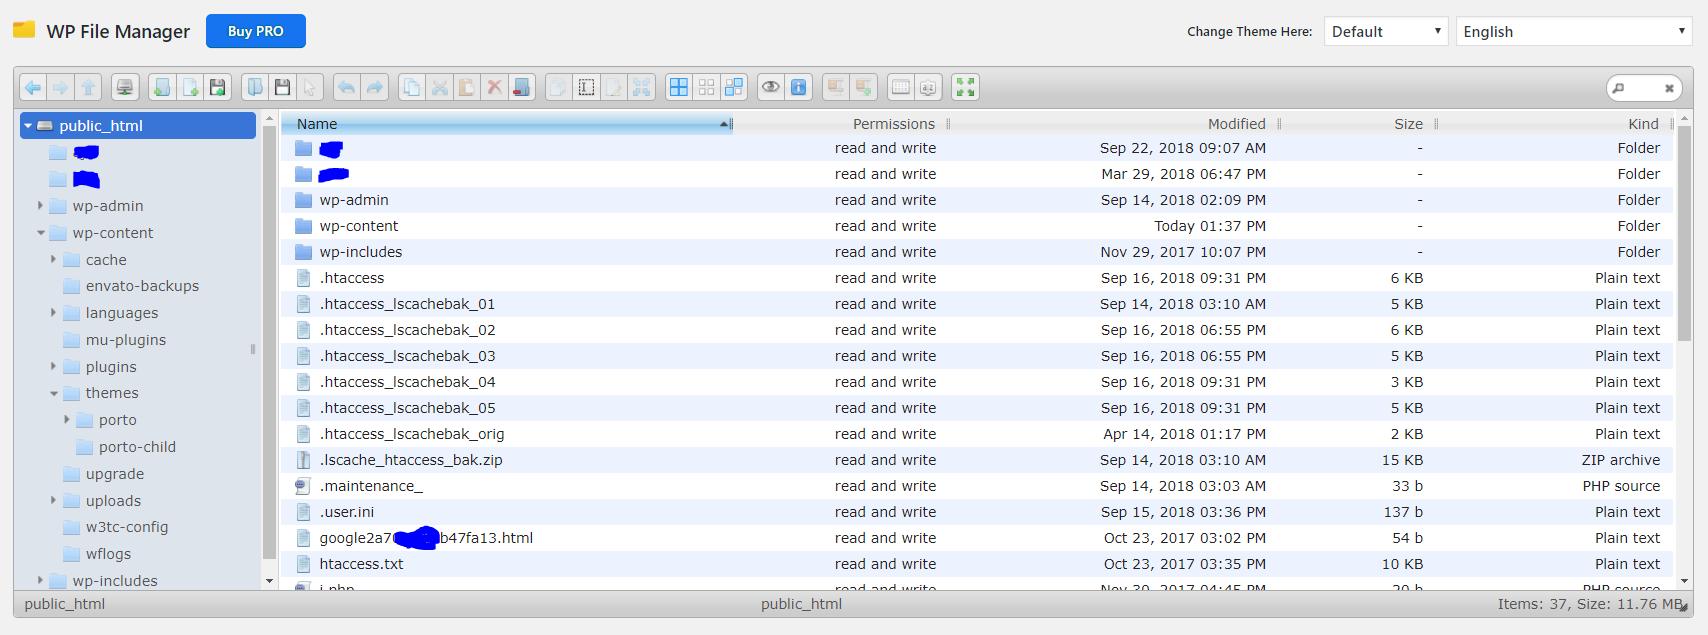 Wygląd WP File Manager